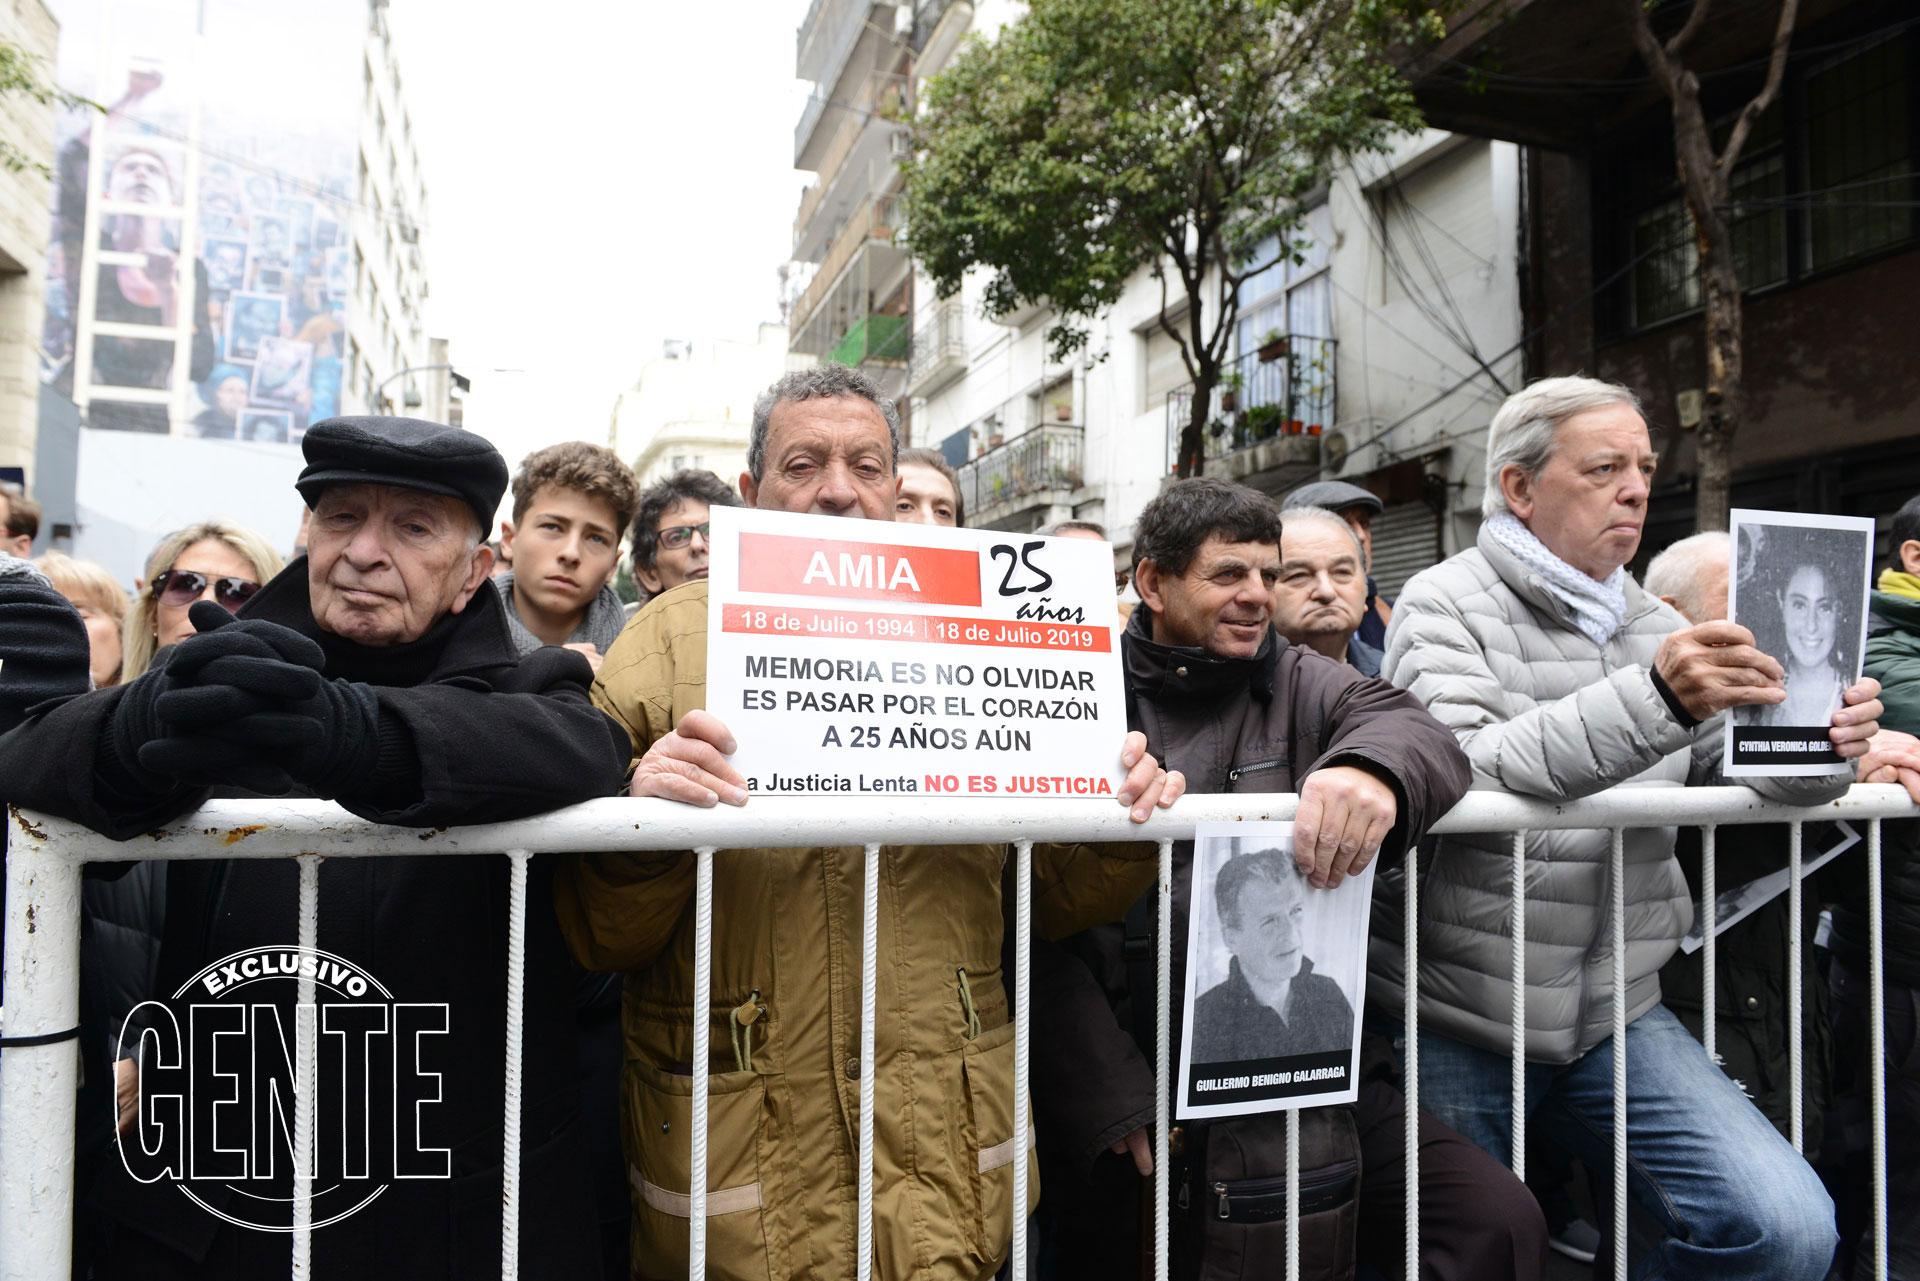 Una multitud acompañó el reclamo de Memoria, Verdad y Justicia. Foto: Julio César Ruiz/GENTE